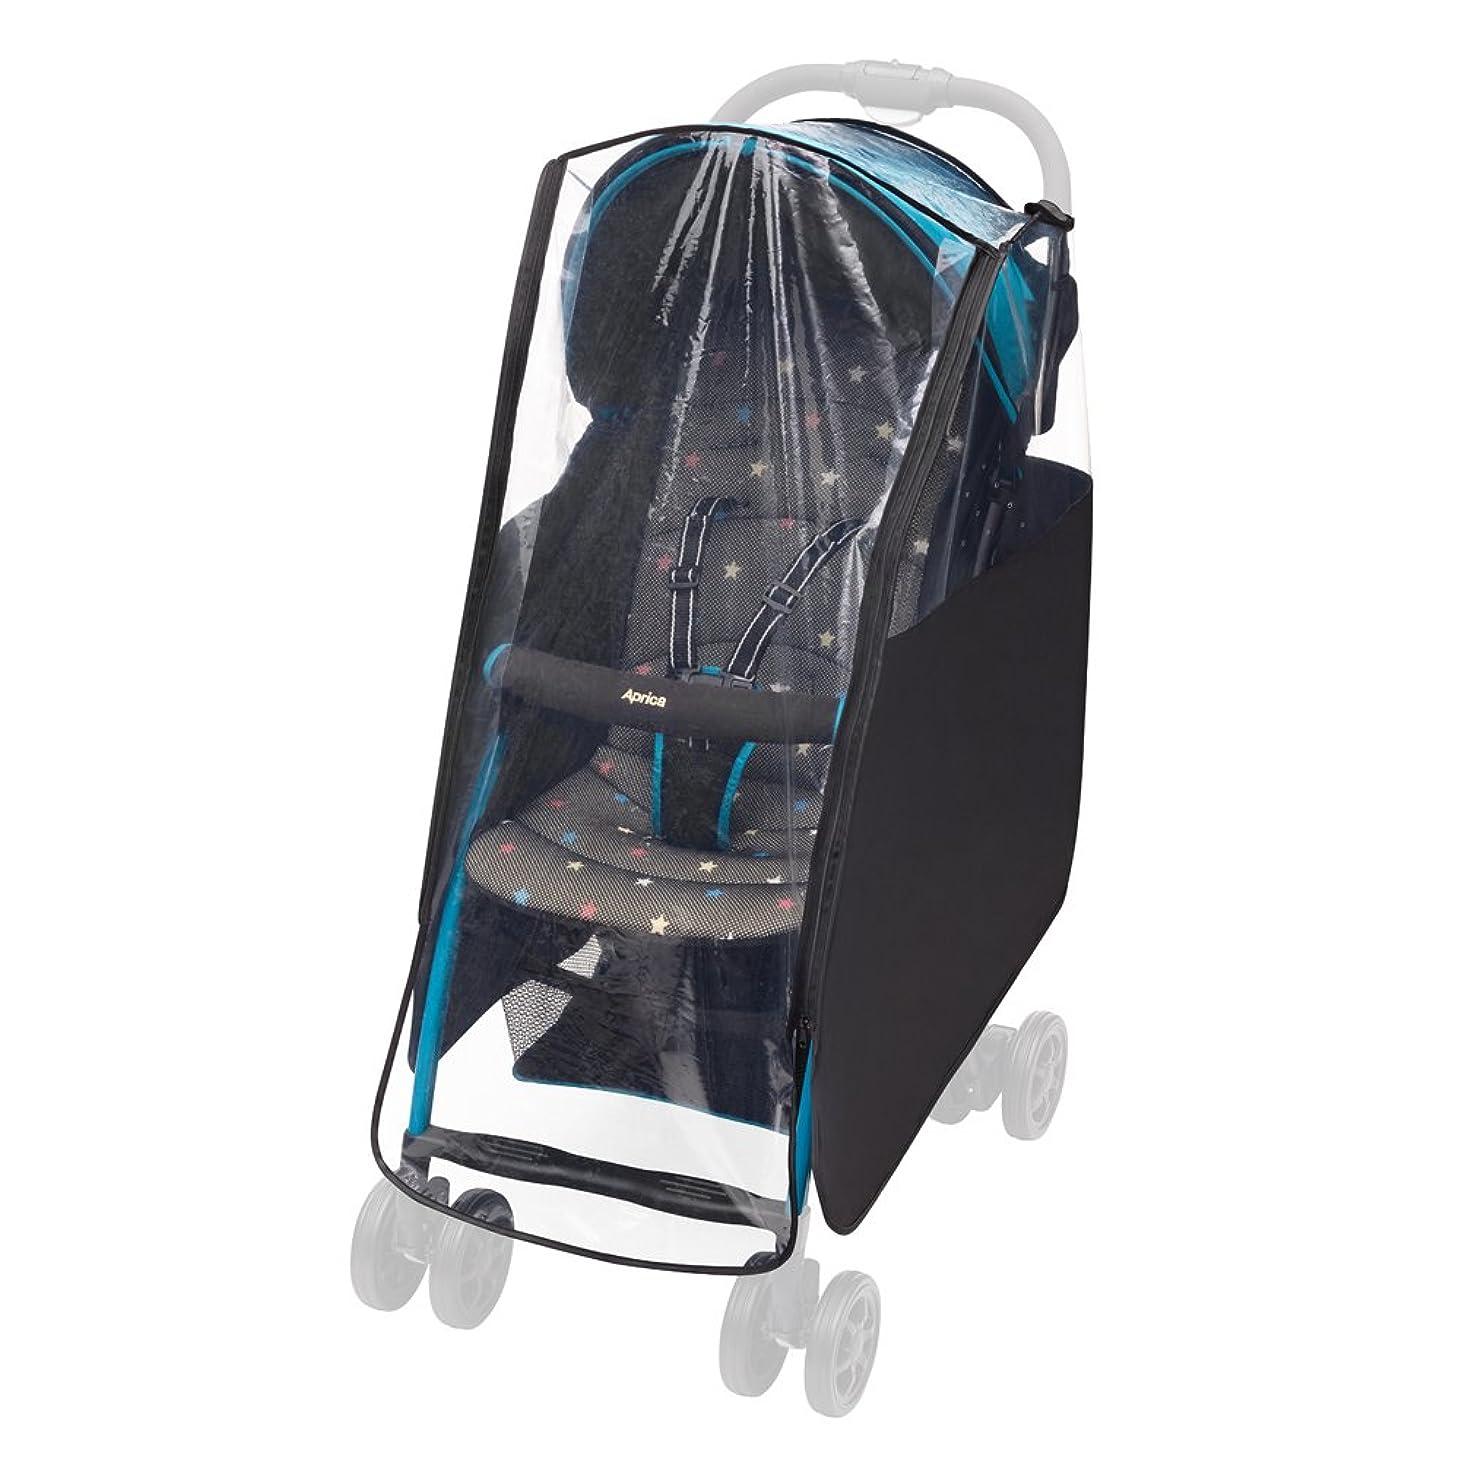 フェードアウト灰戸口カンプトン フロントオープン ベビーカー用レインカバー スタンダード プラス 両対面 汎用型 収納バッグ付き